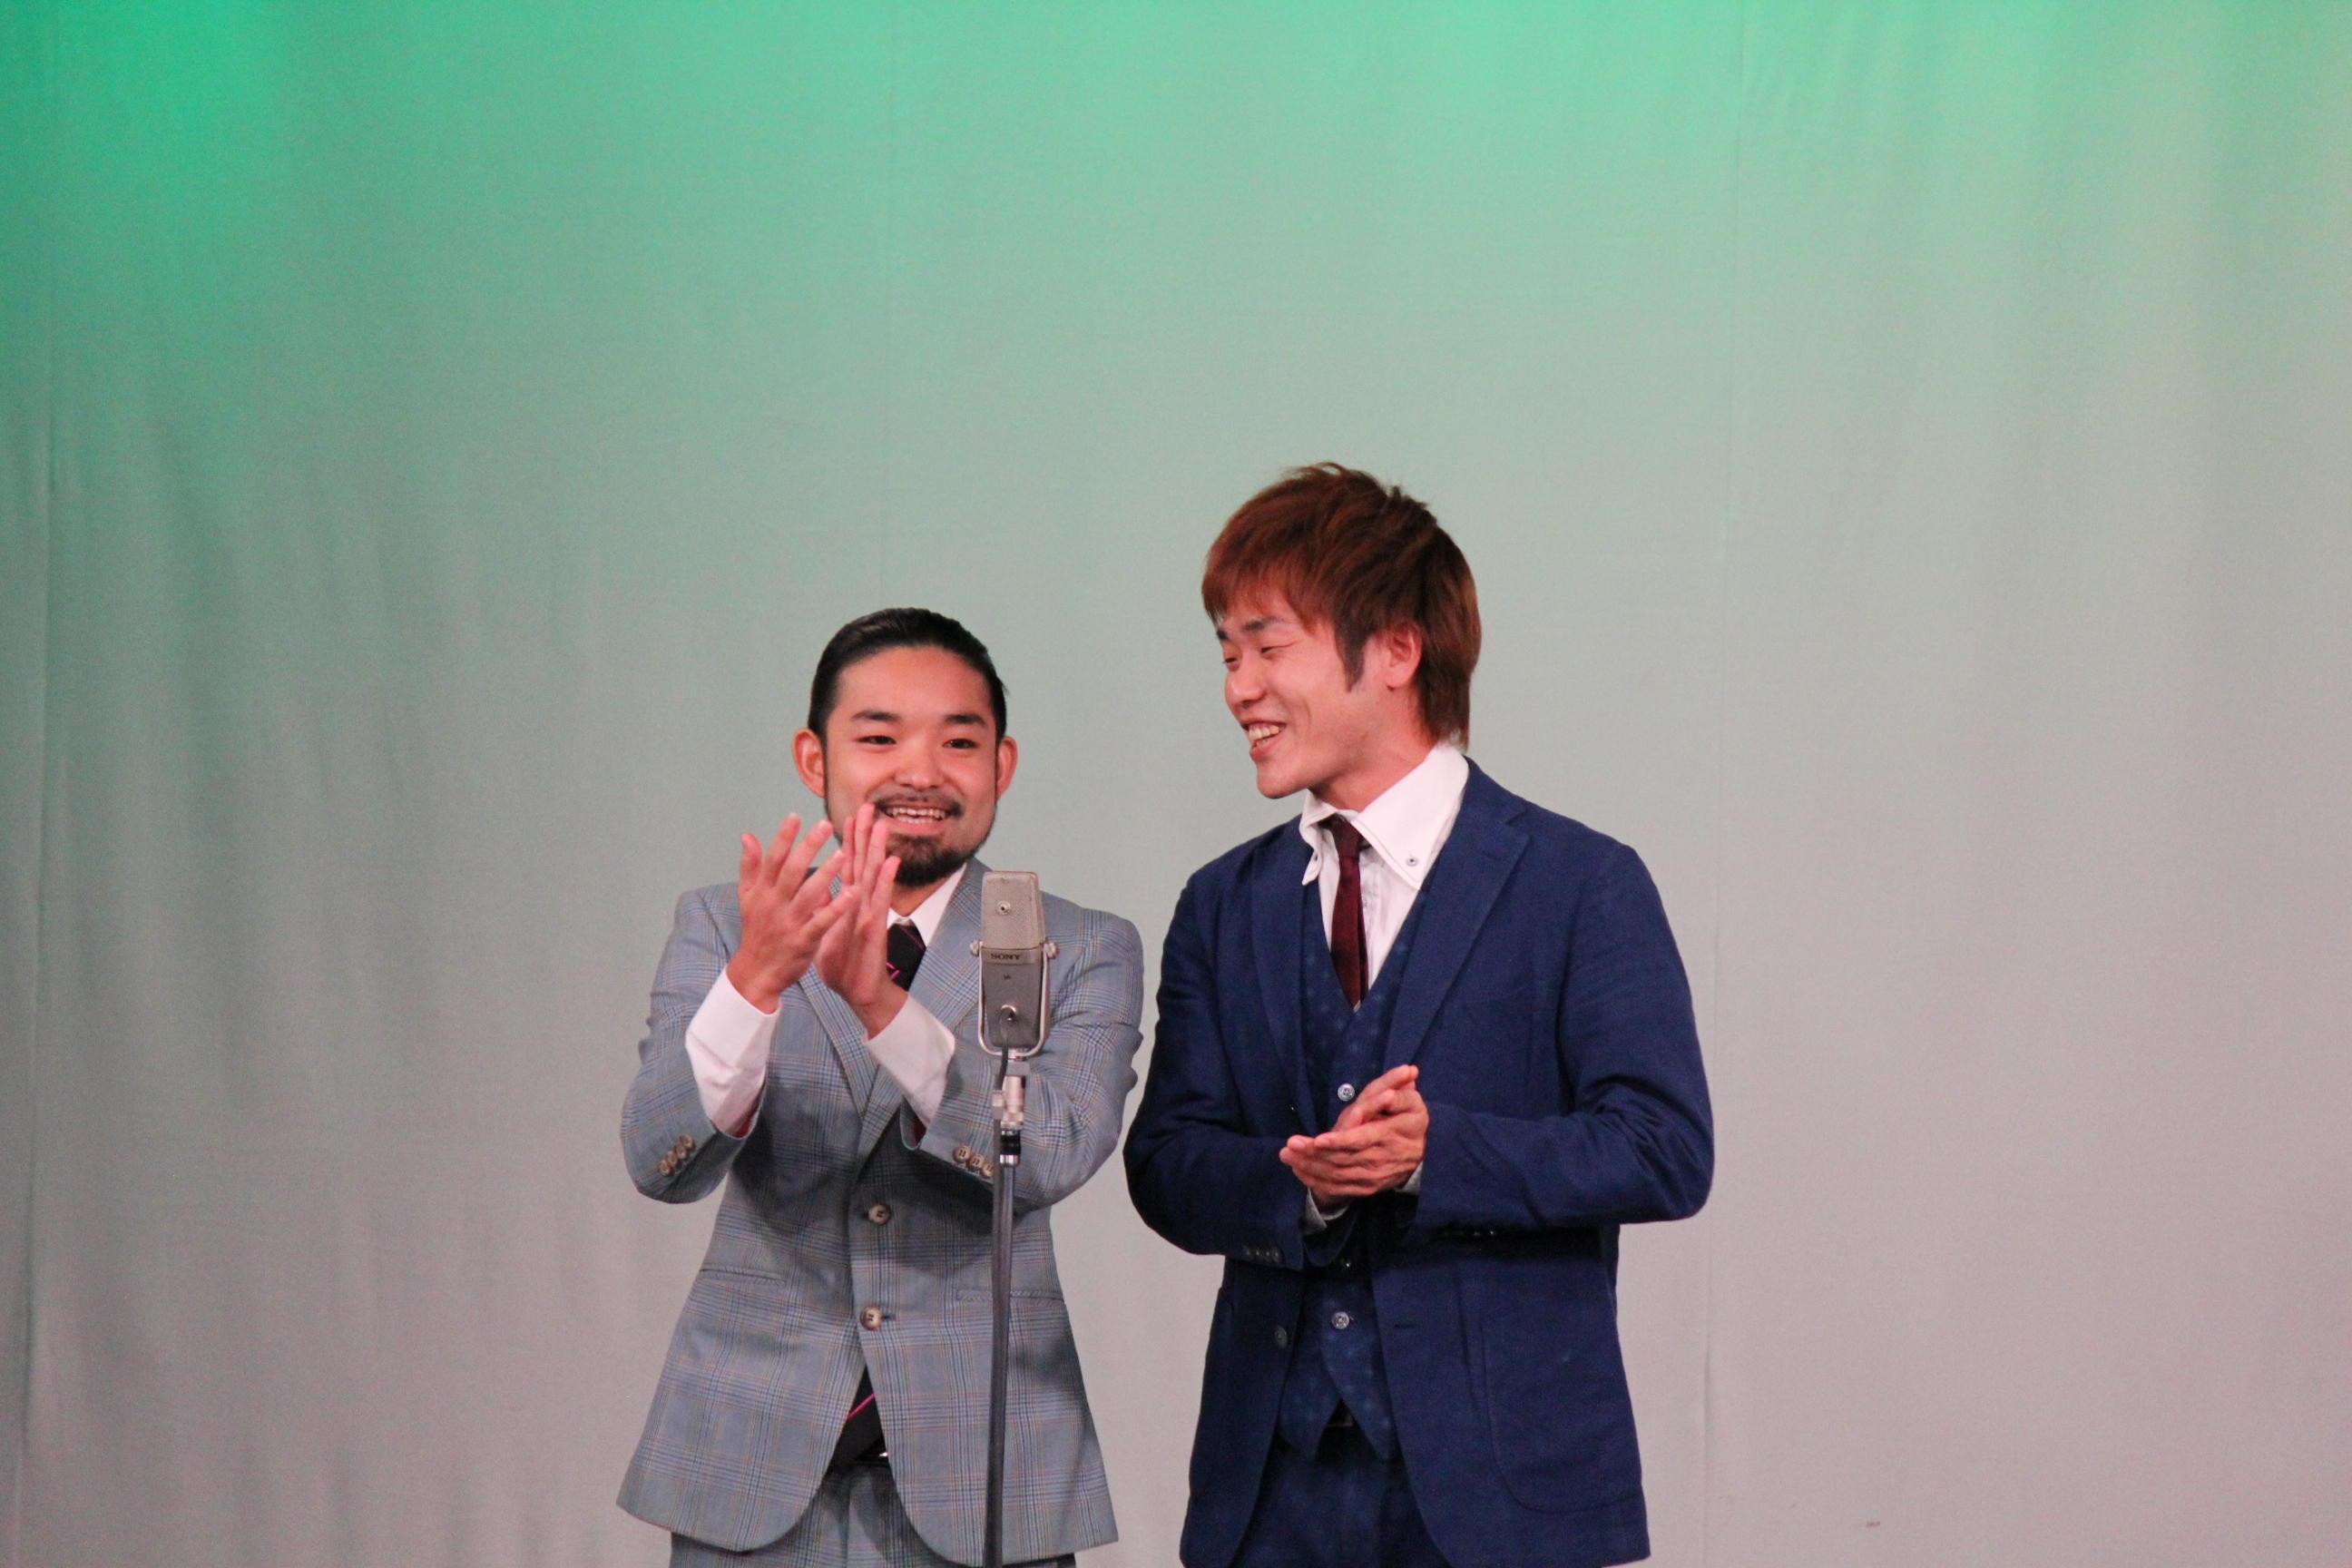 http://news.yoshimoto.co.jp/20161018170338-3bc7f03cf027a6713c911959f0d27c17799fca67.jpg